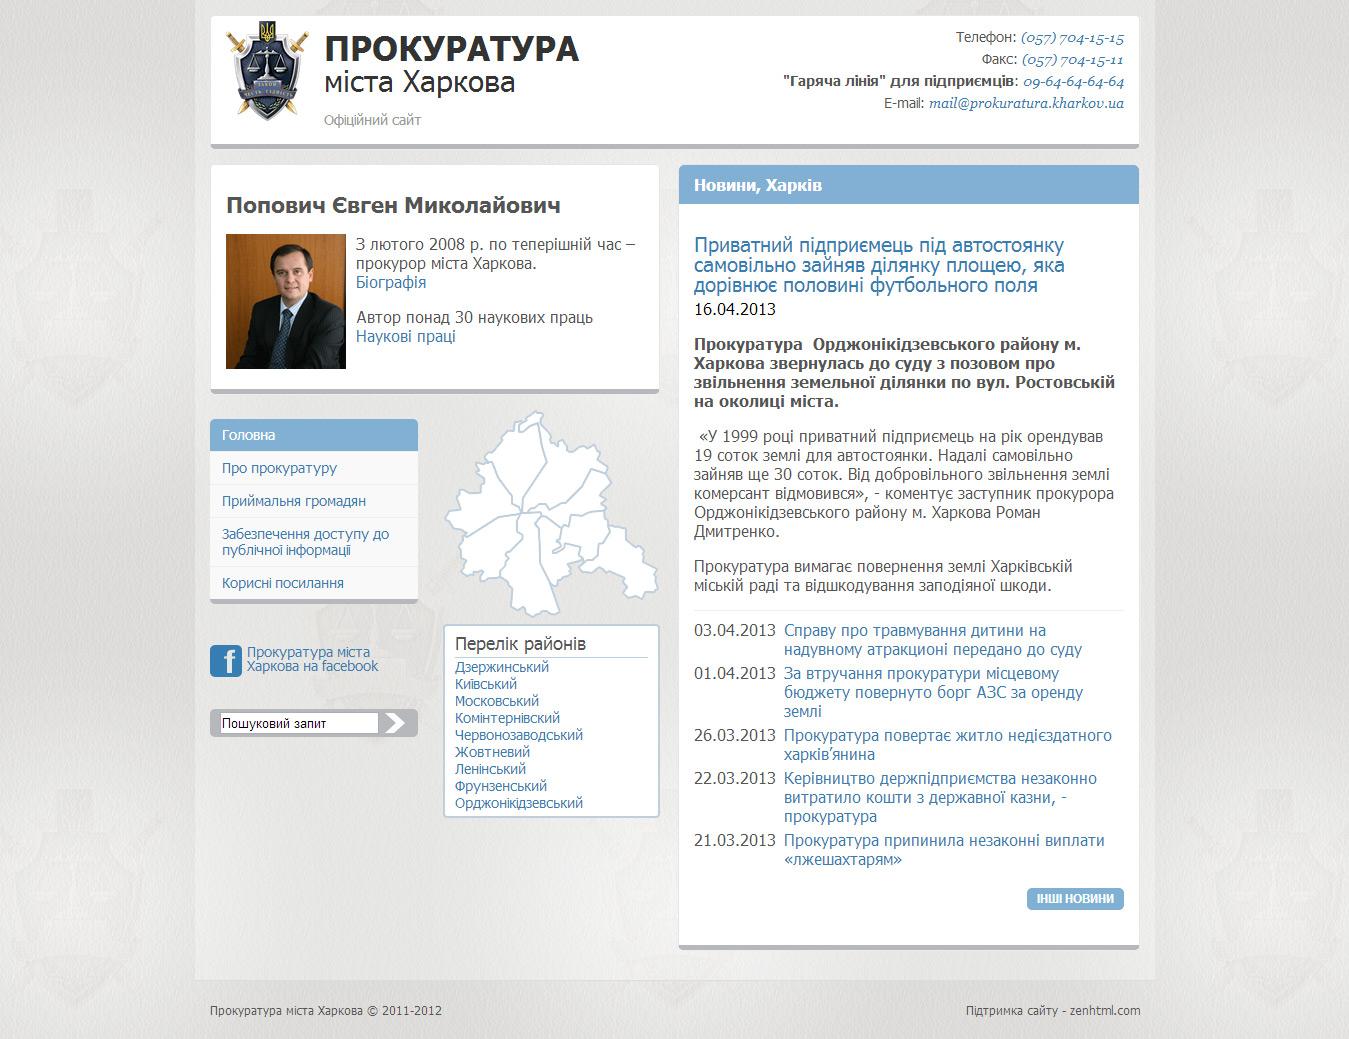 Создание сайта прокуратуры города Харькова